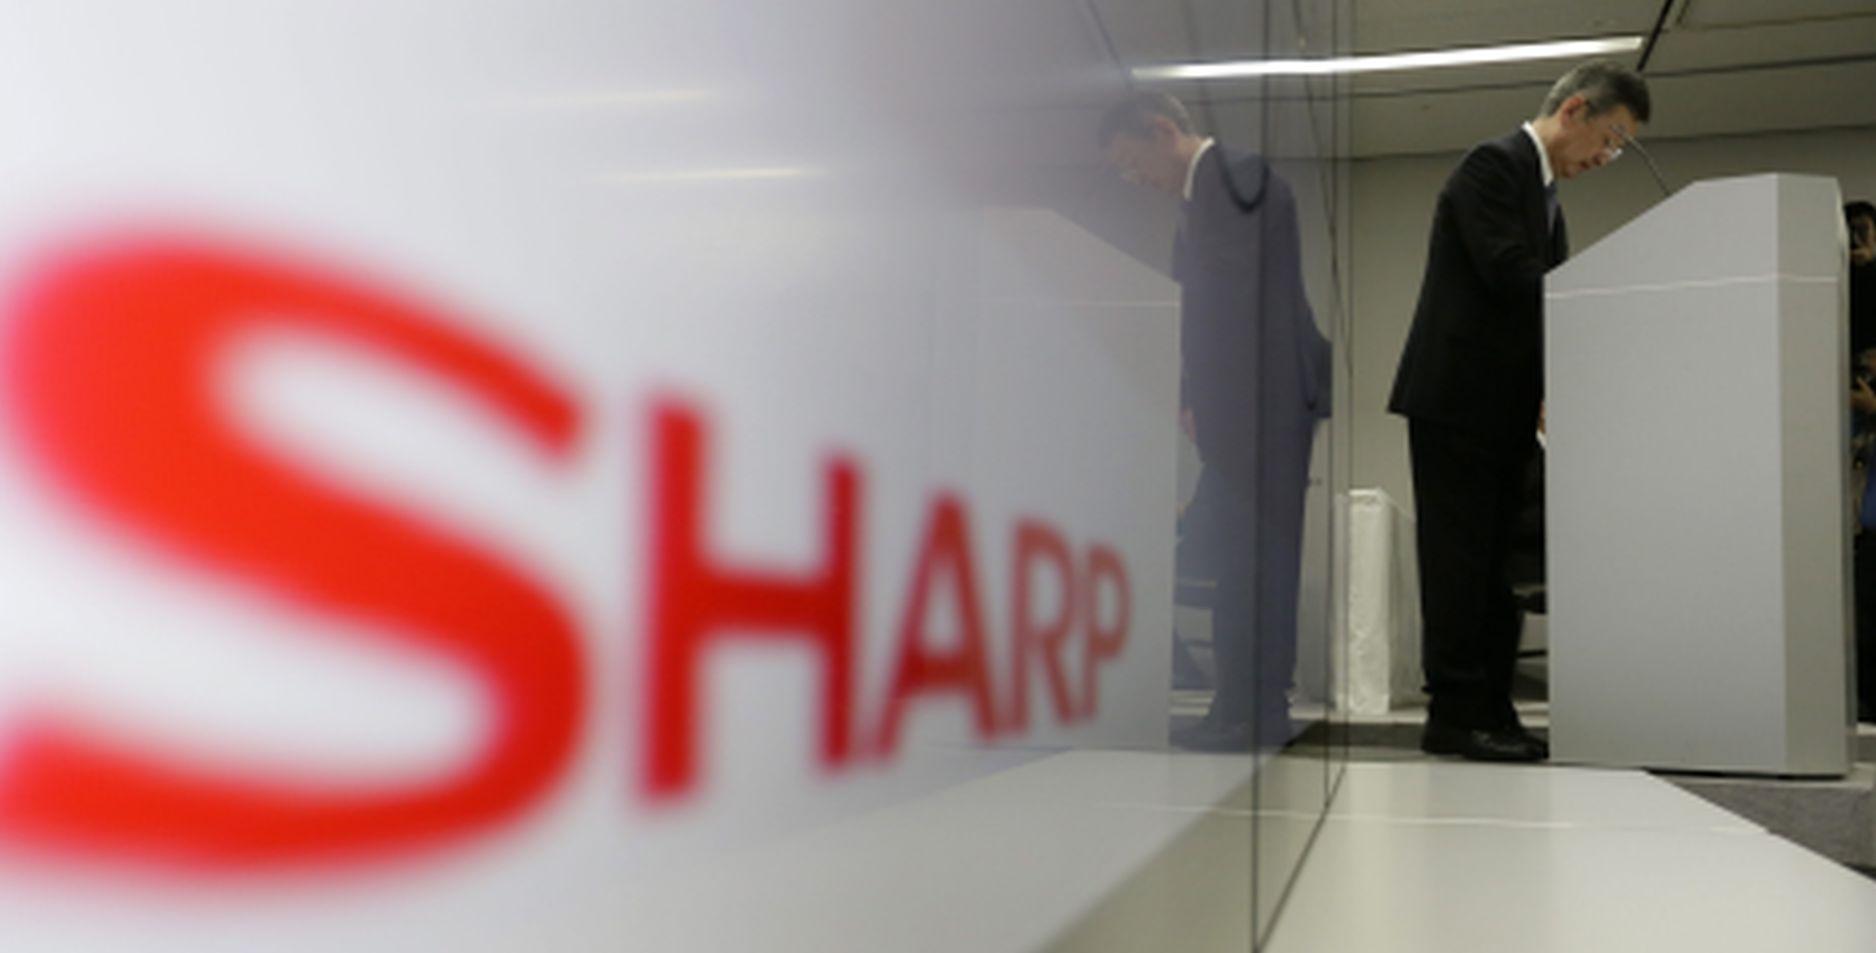 Japanski državni fond spreman pomoći posrnulom Sharpu